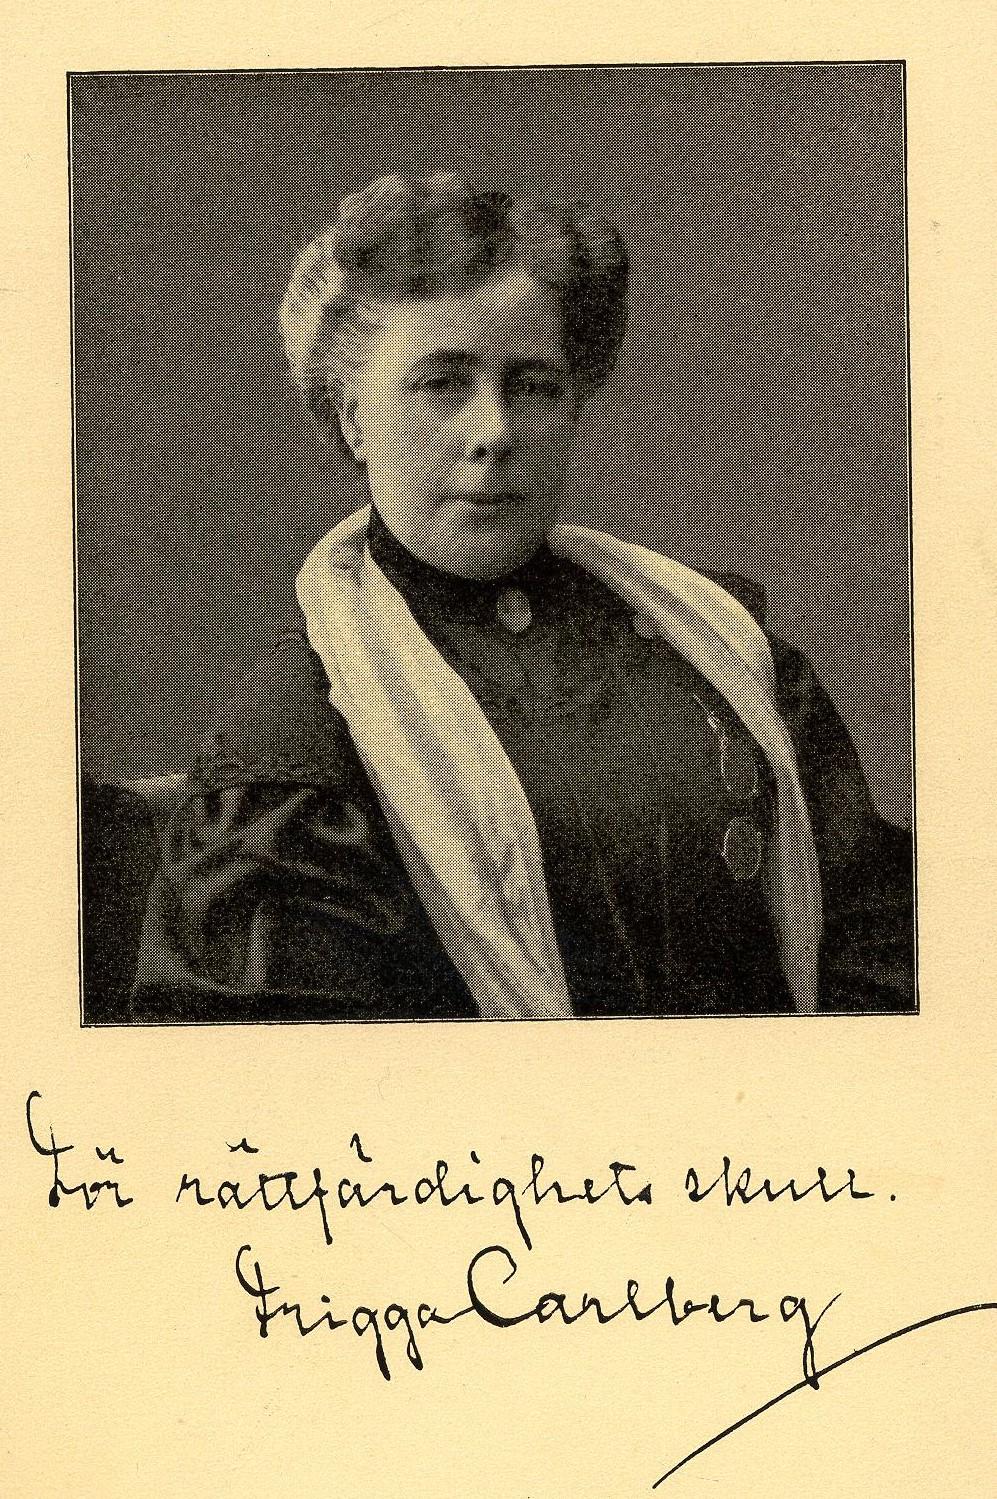 """Rösträttsvykort föreställande Frigga Carlberg, med skriften """"För rättfärdighets skull"""". Fotograf och år okänt (KvinnSam, Göteborgs universitetsbibliotek)"""